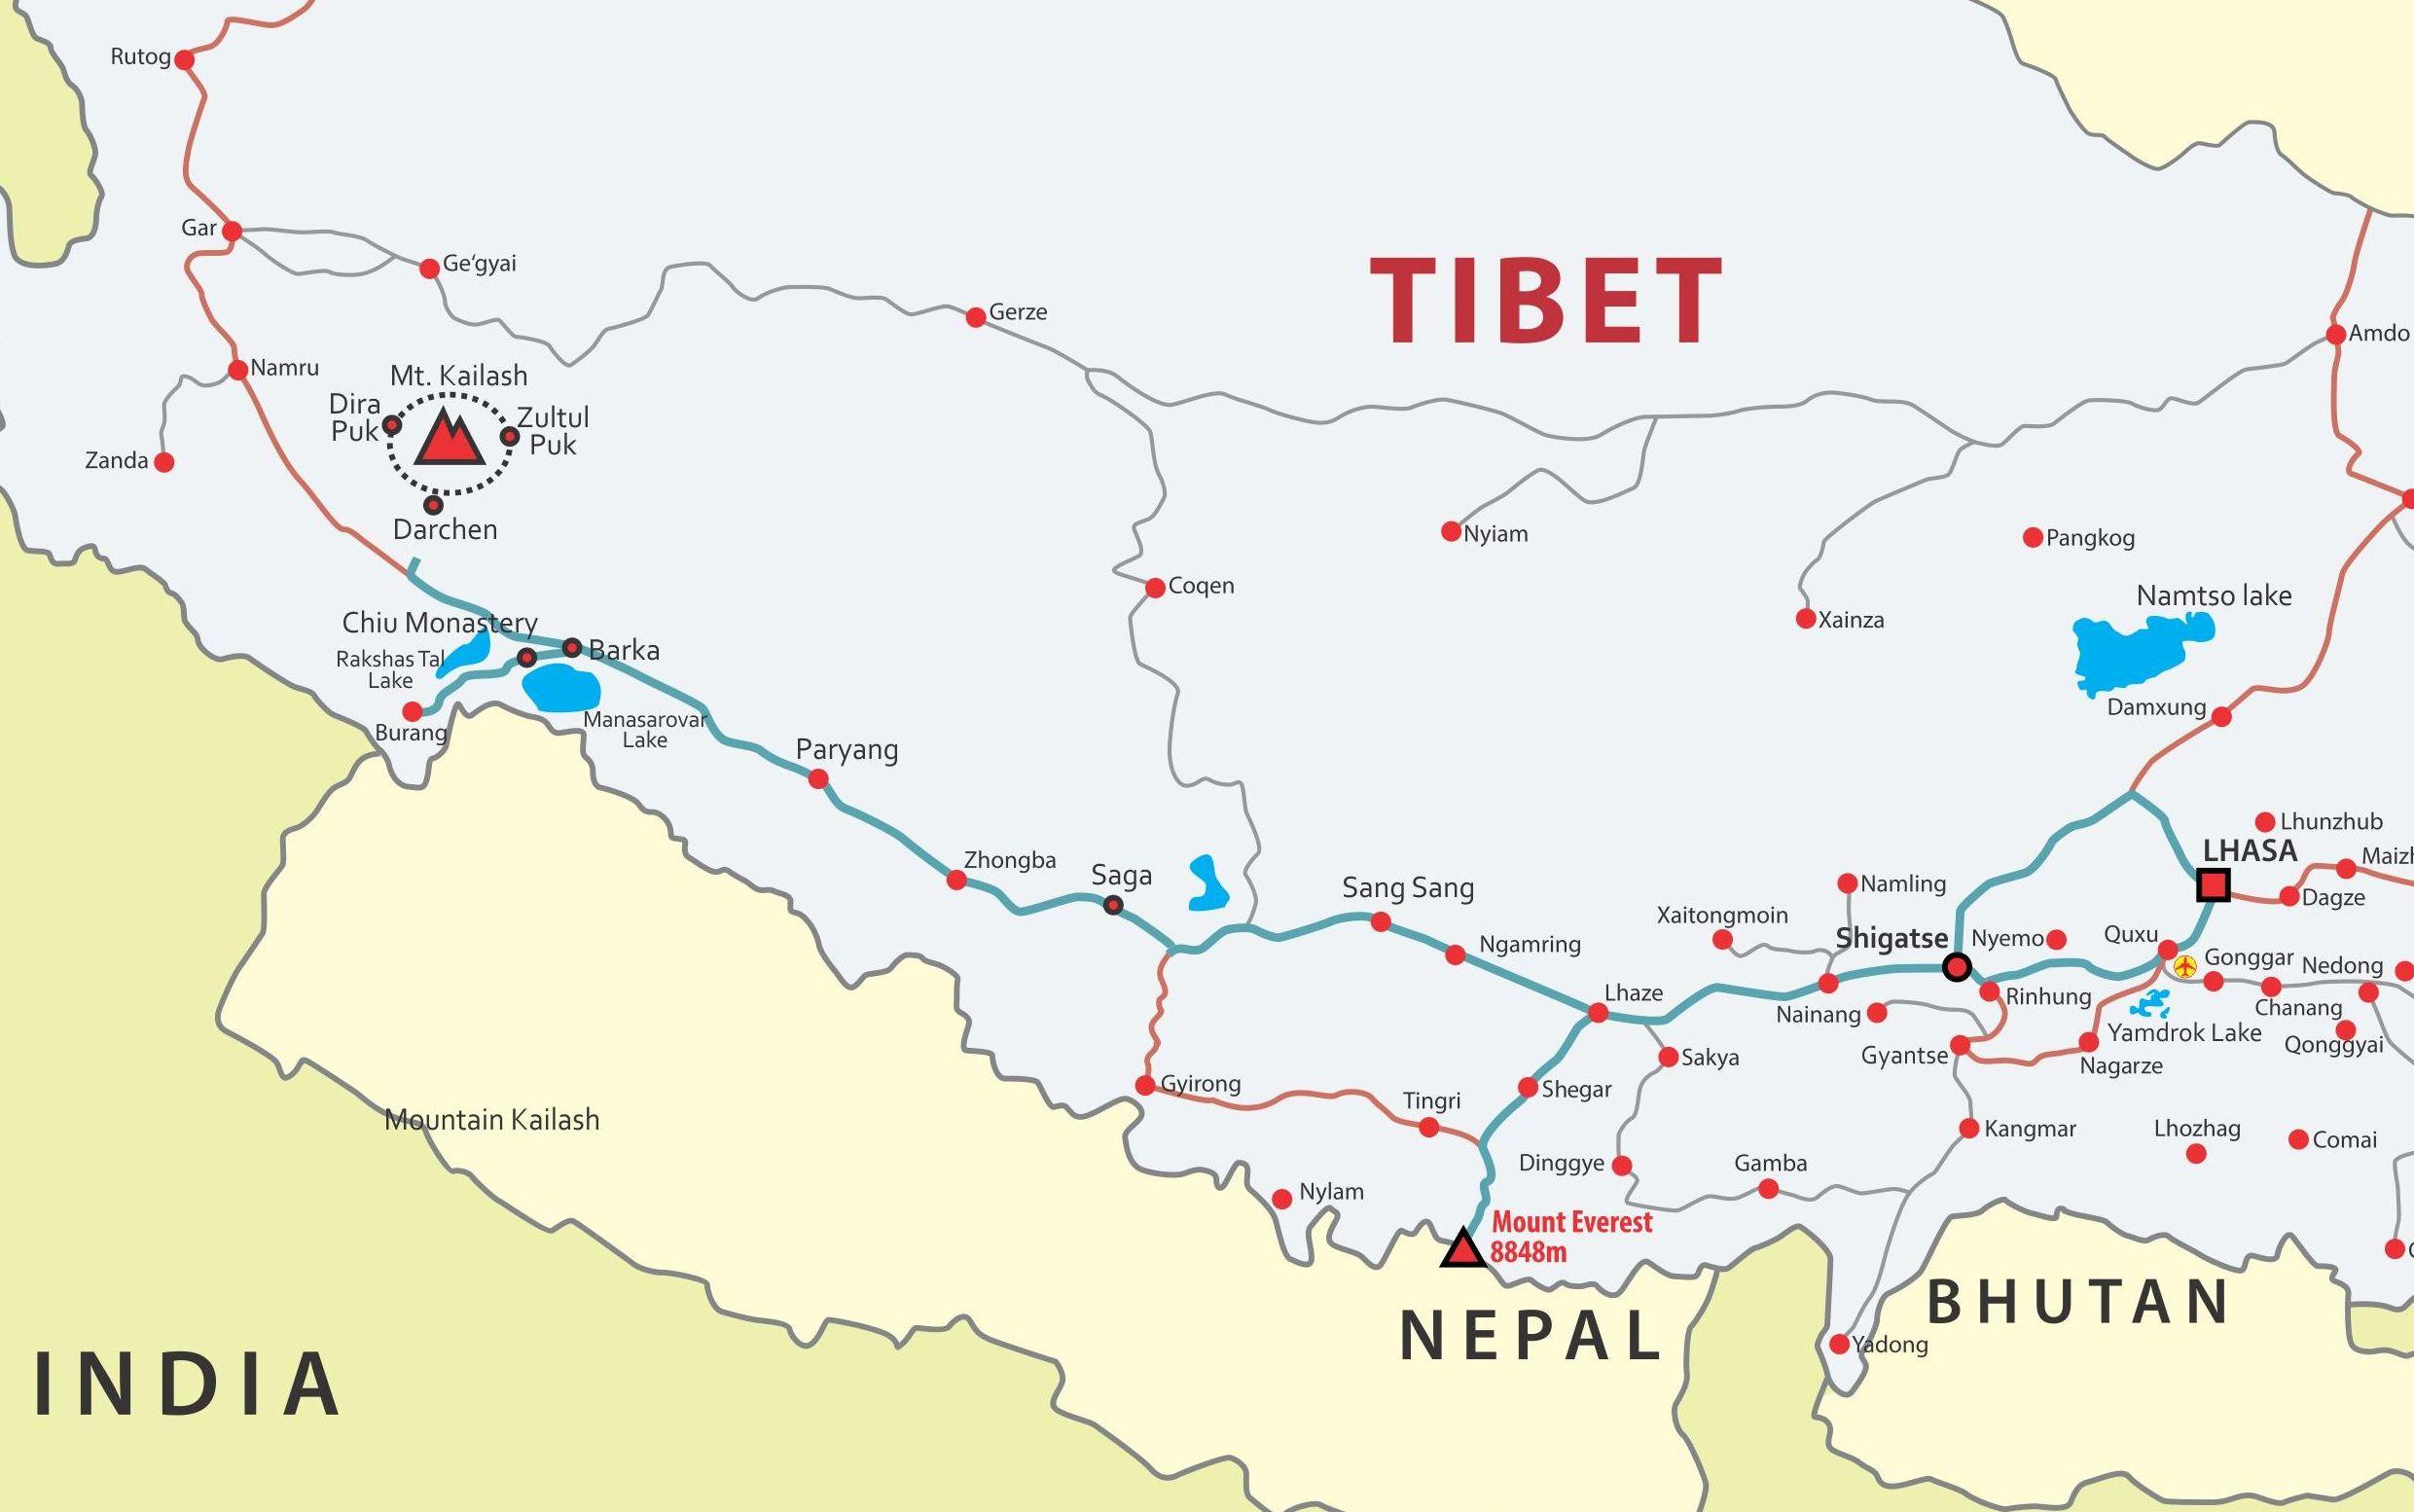 Lhasa to Mountain Kailash tour map